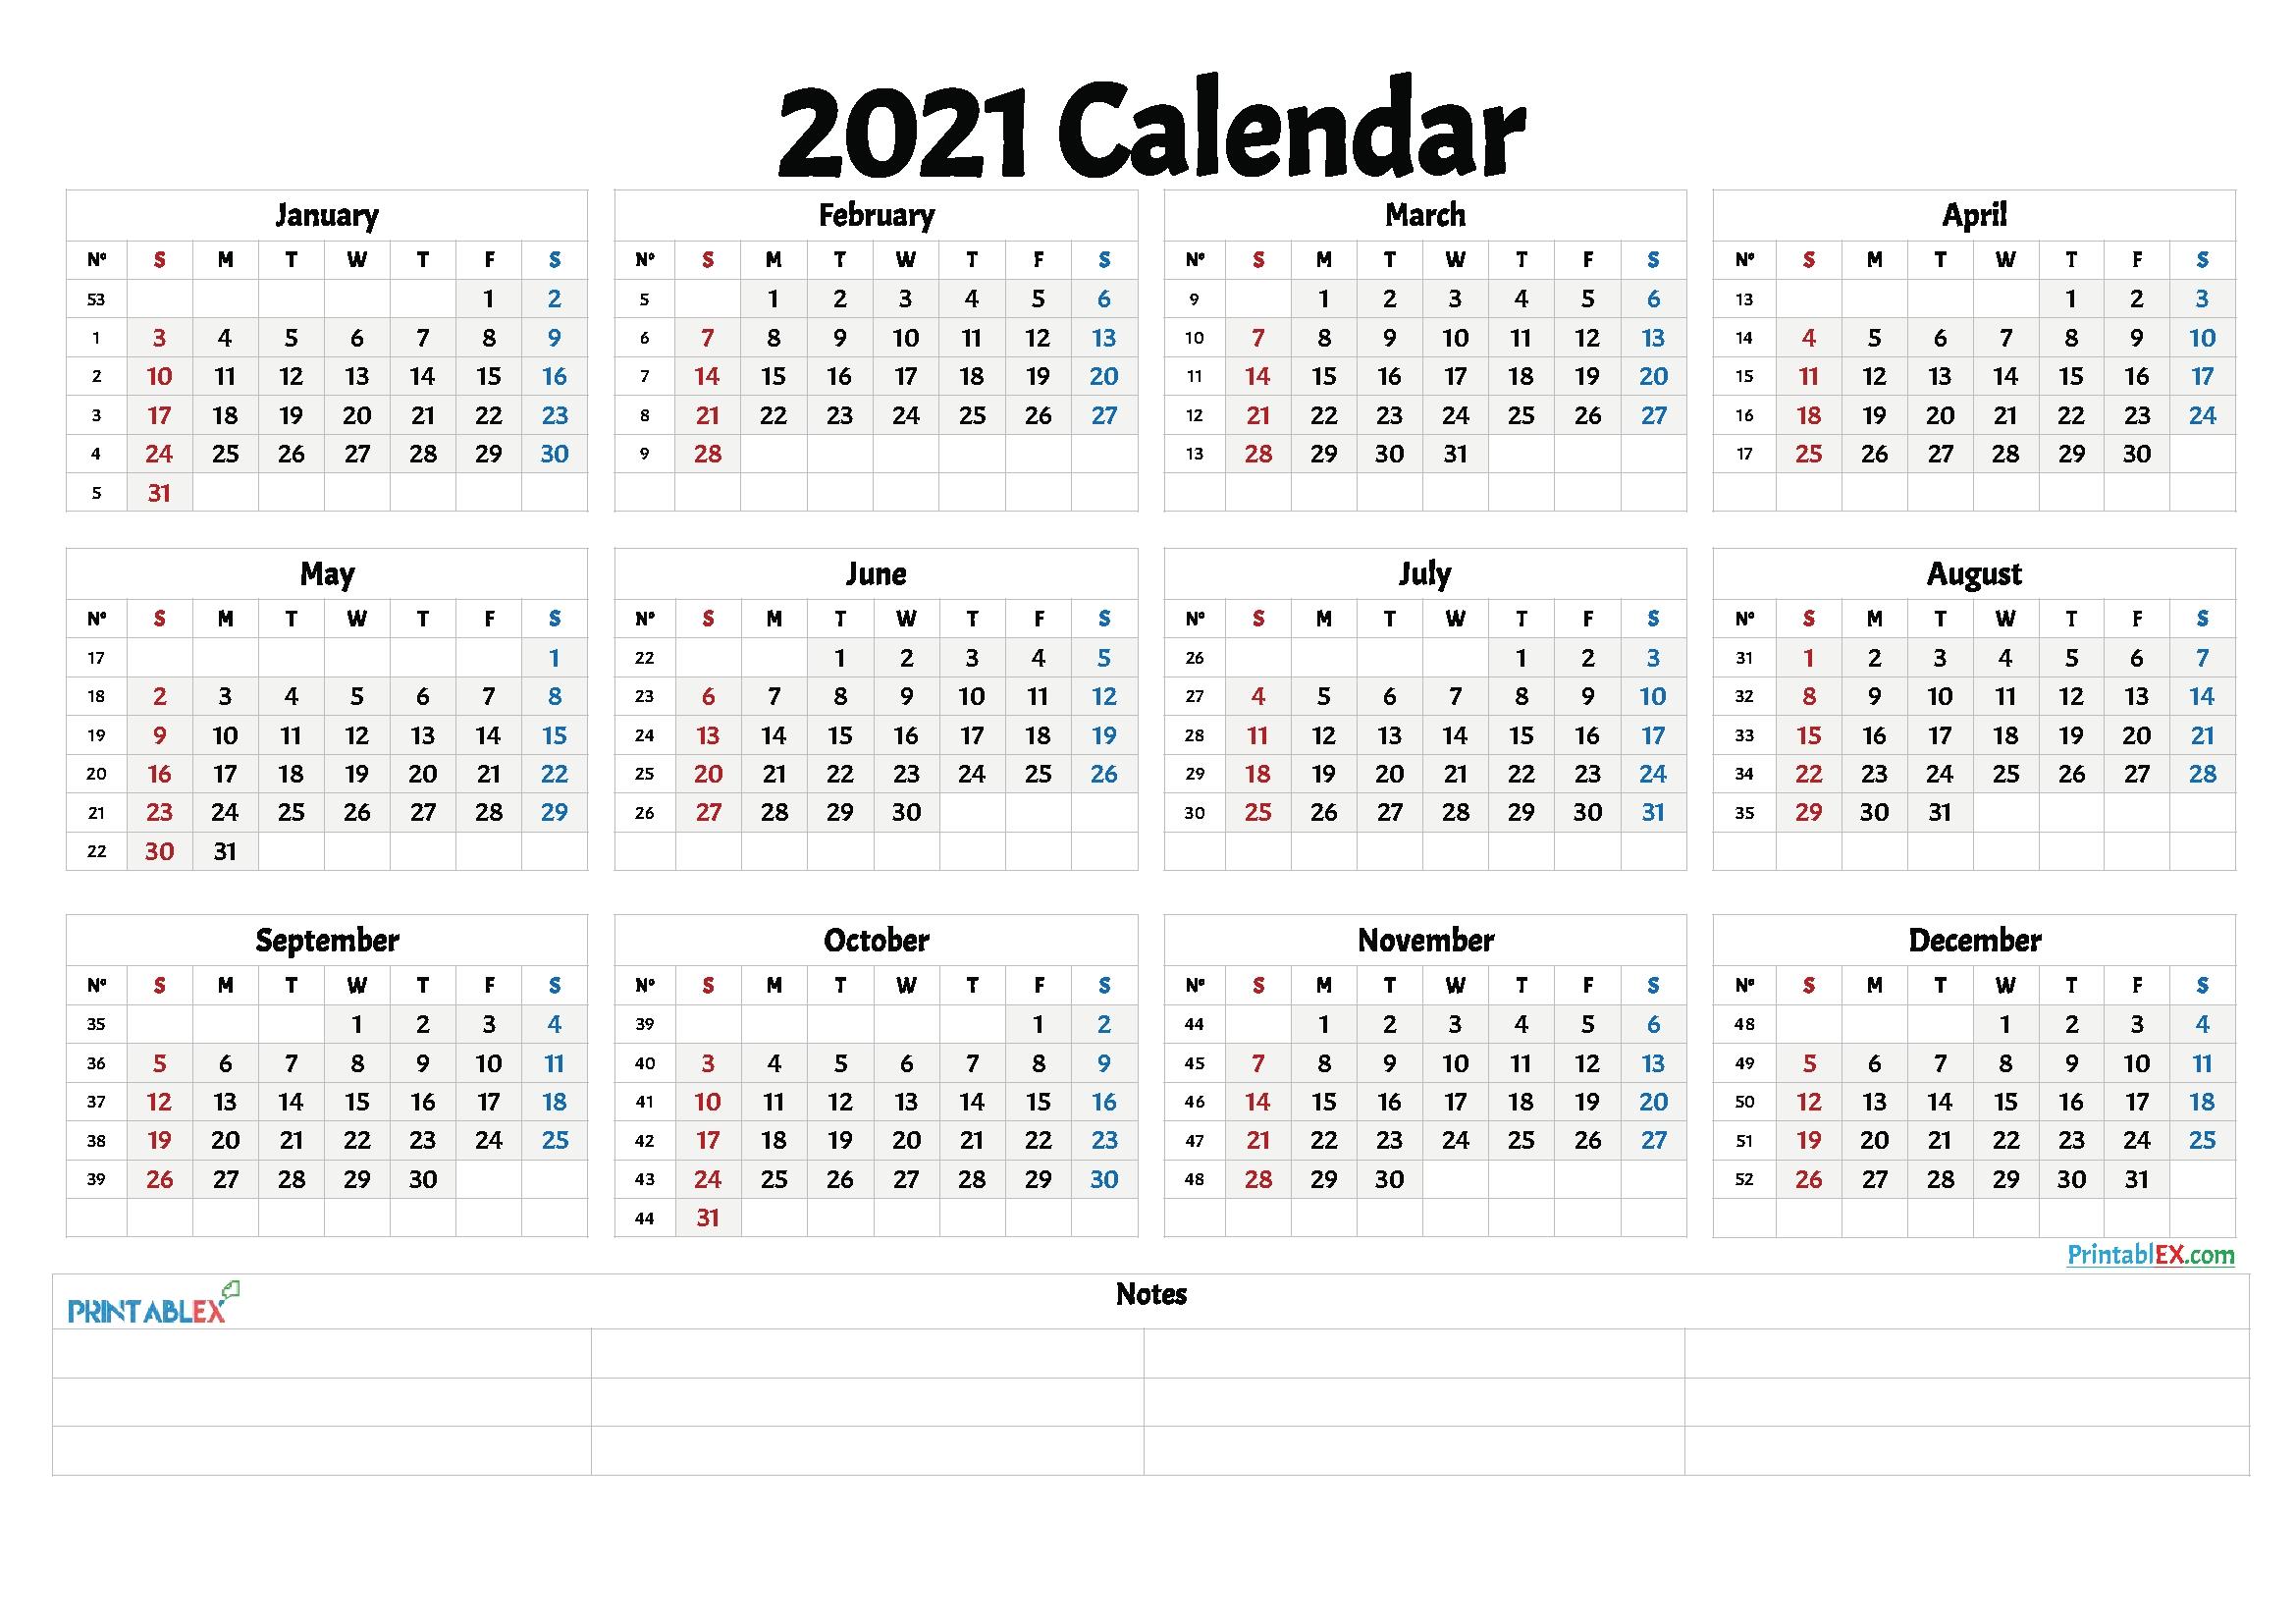 Free Printable 2021 Yearly Calendar With Week Numbers – 21Ytw12 In 2020 | Free Printable-2021 Calnder By Week No Excel